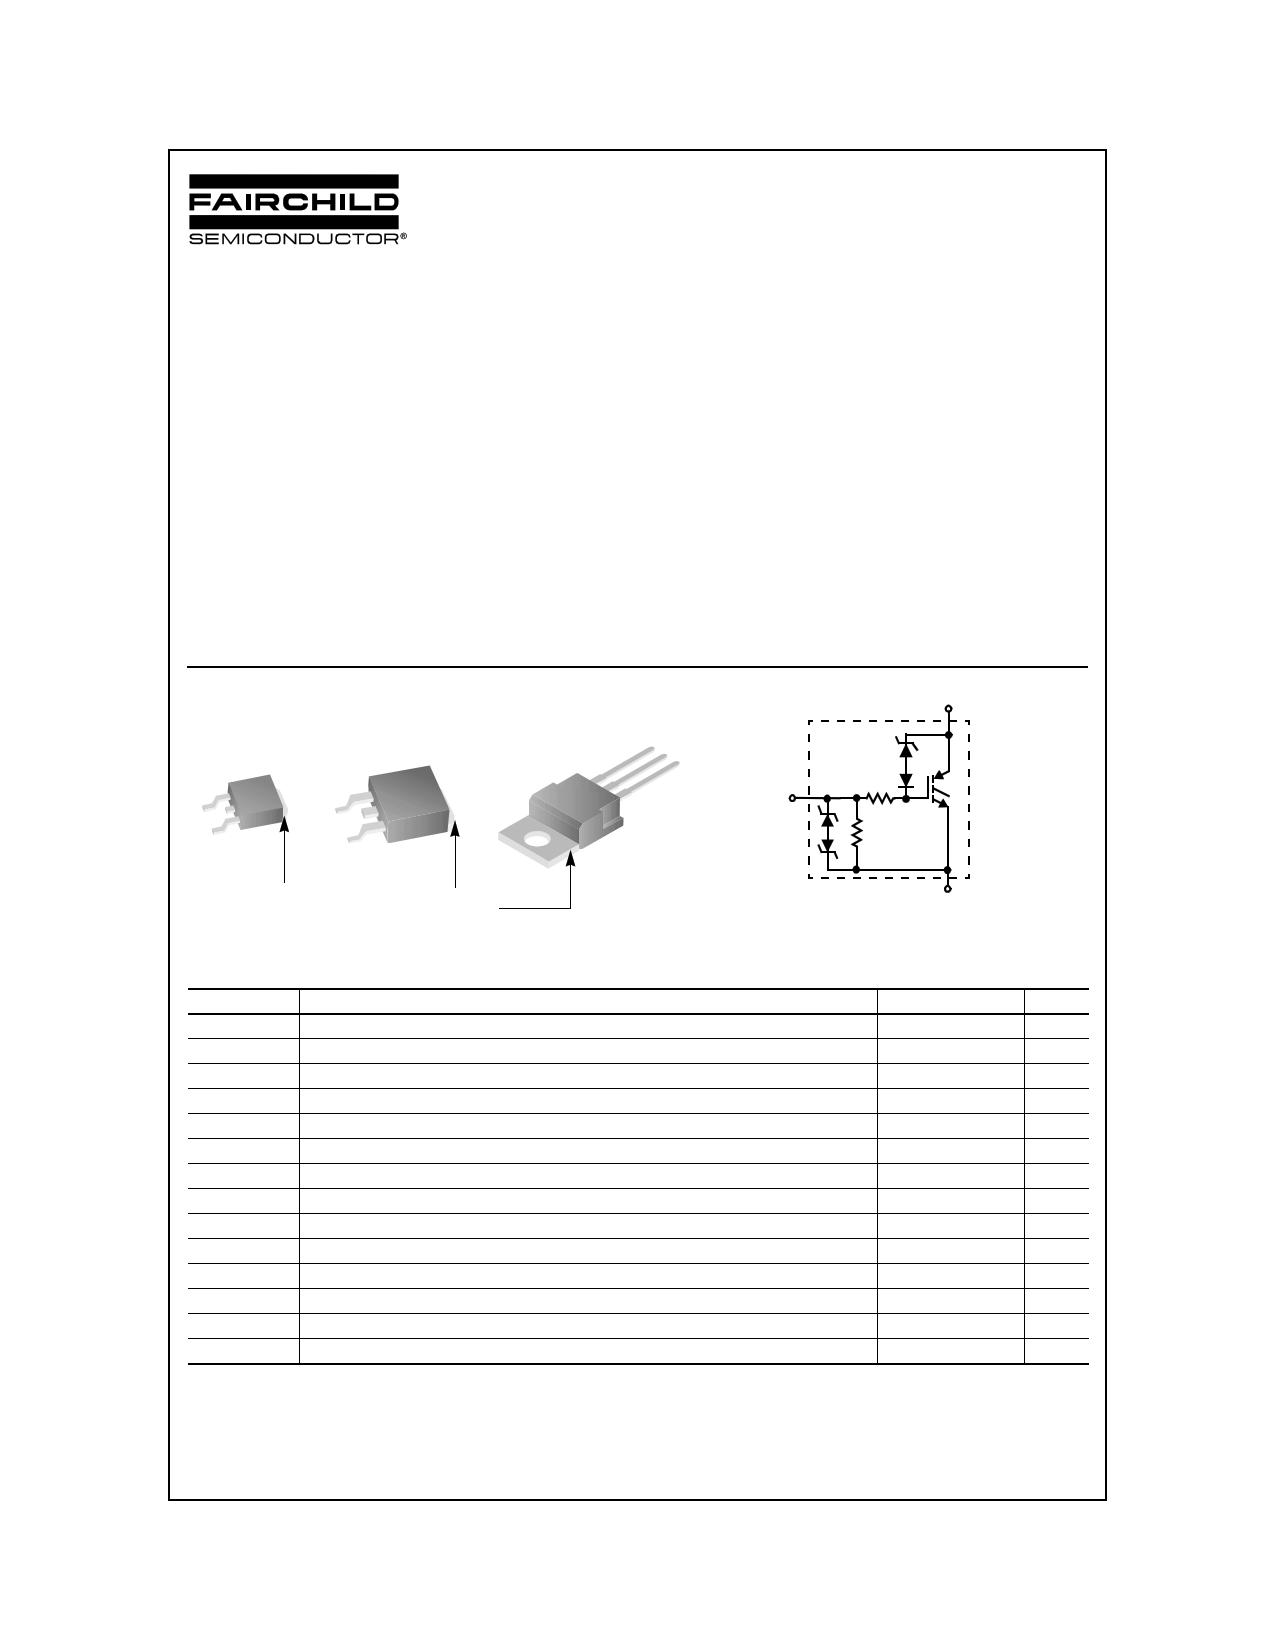 ISL9V2040D3S 데이터시트 및 ISL9V2040D3S PDF